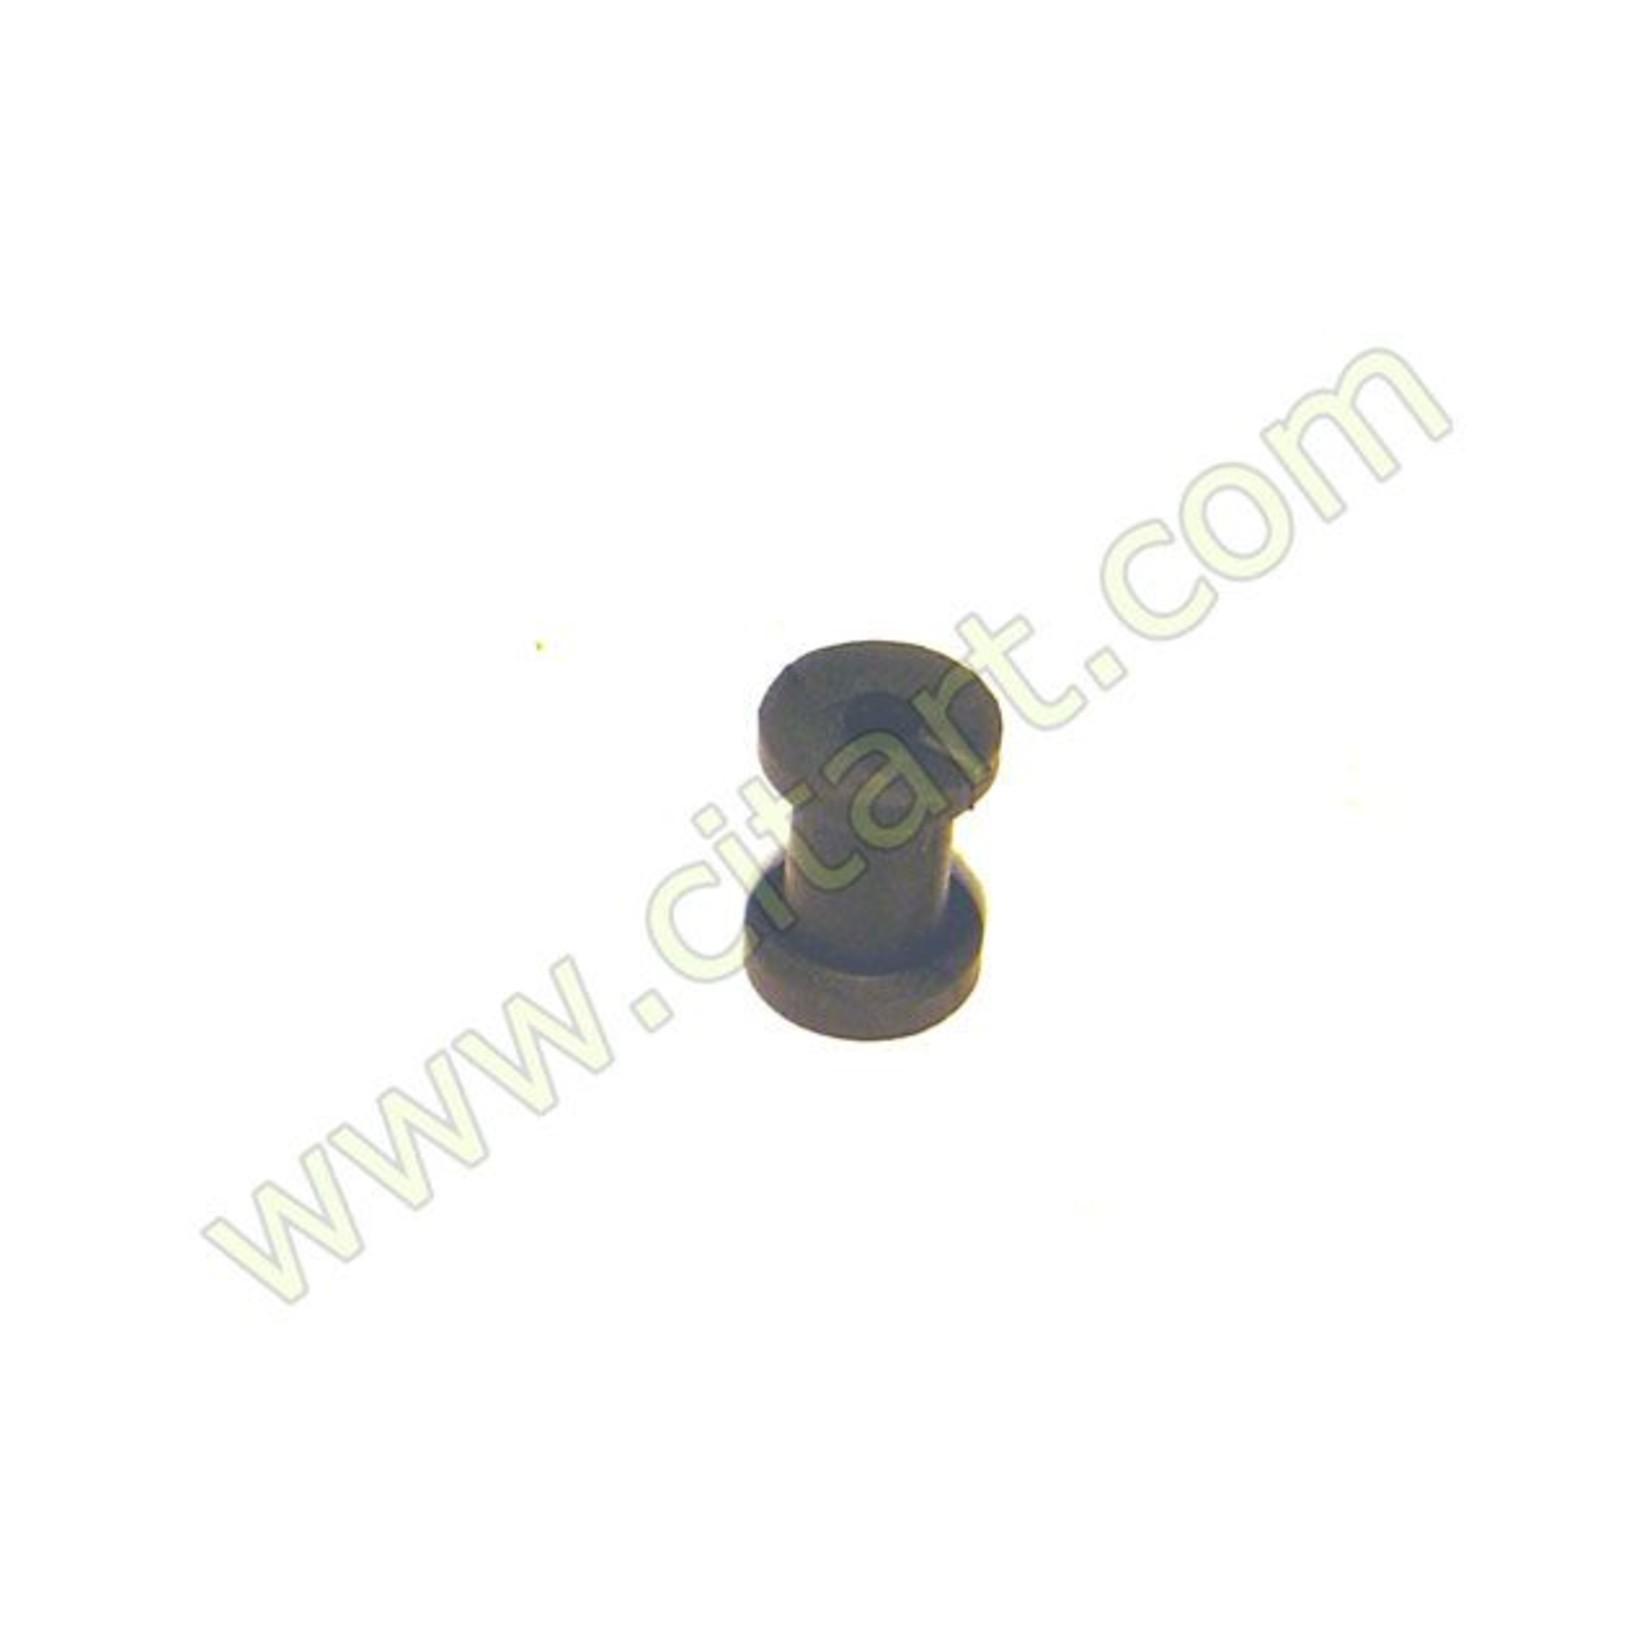 Securing sleeve pipe 4,5mm Nr Org: 5413089